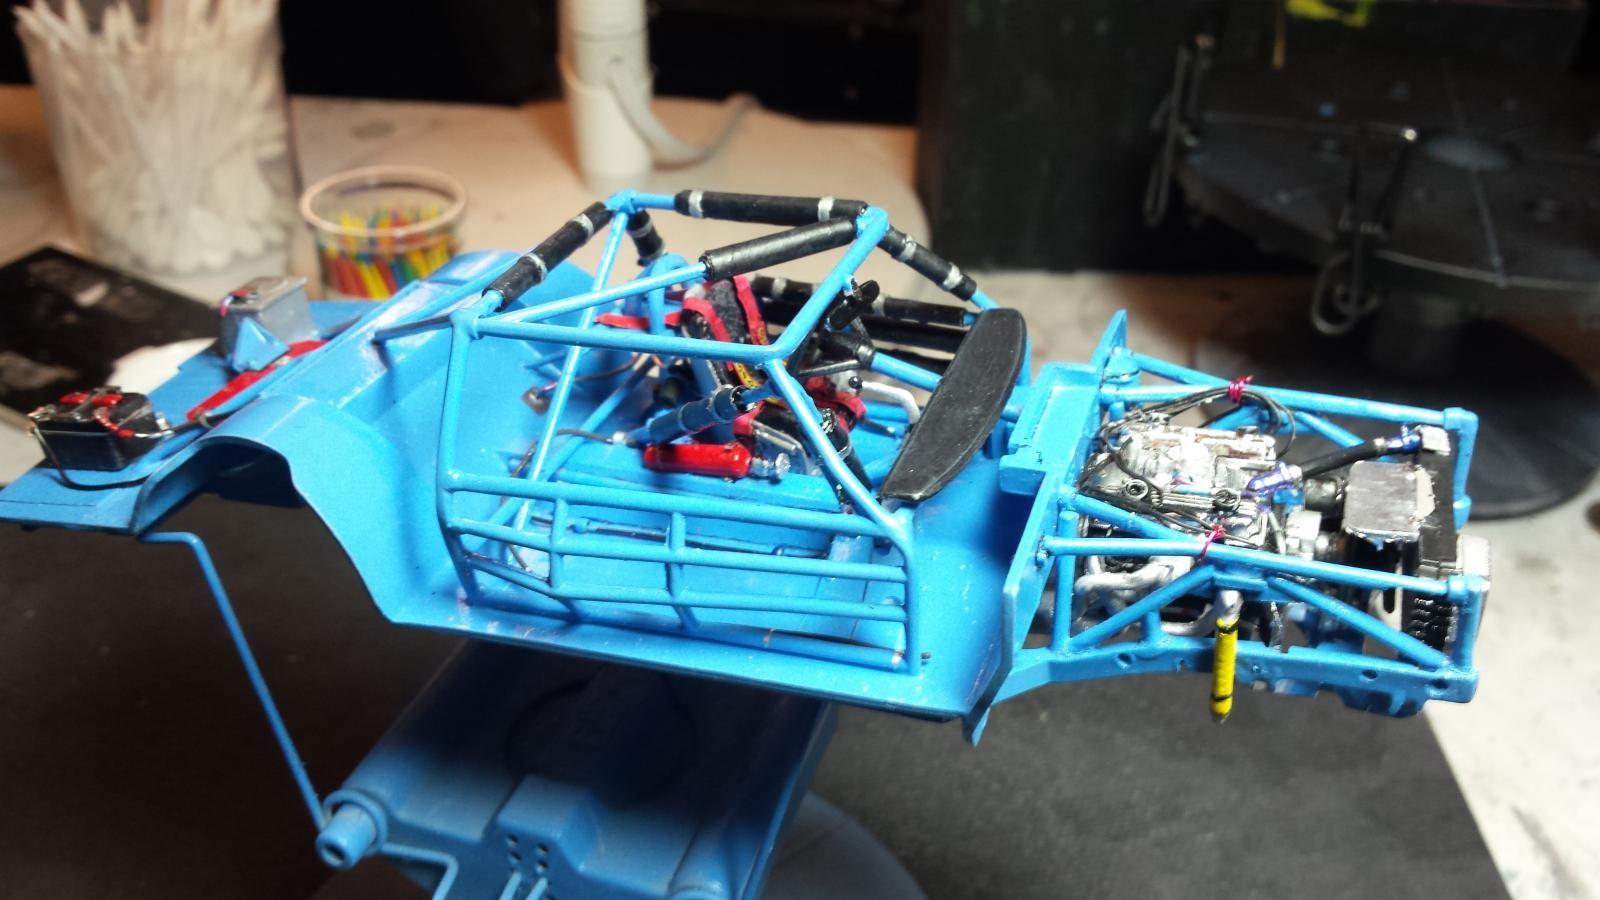 jjetmec_180216_5a86f4db1a79f-1600x900 Wiring Harness For Cars on